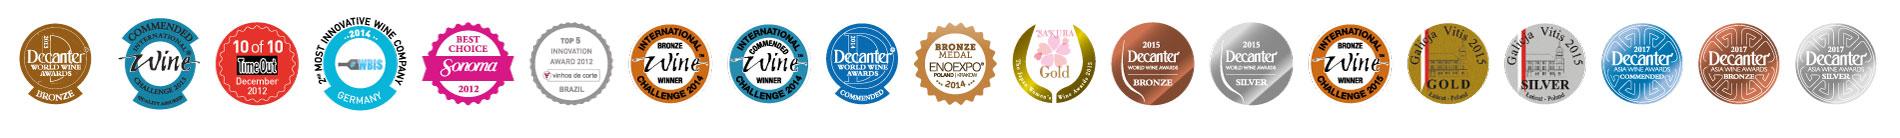 premios e reconhecimentos-medalhas vinhos-wine with spirit